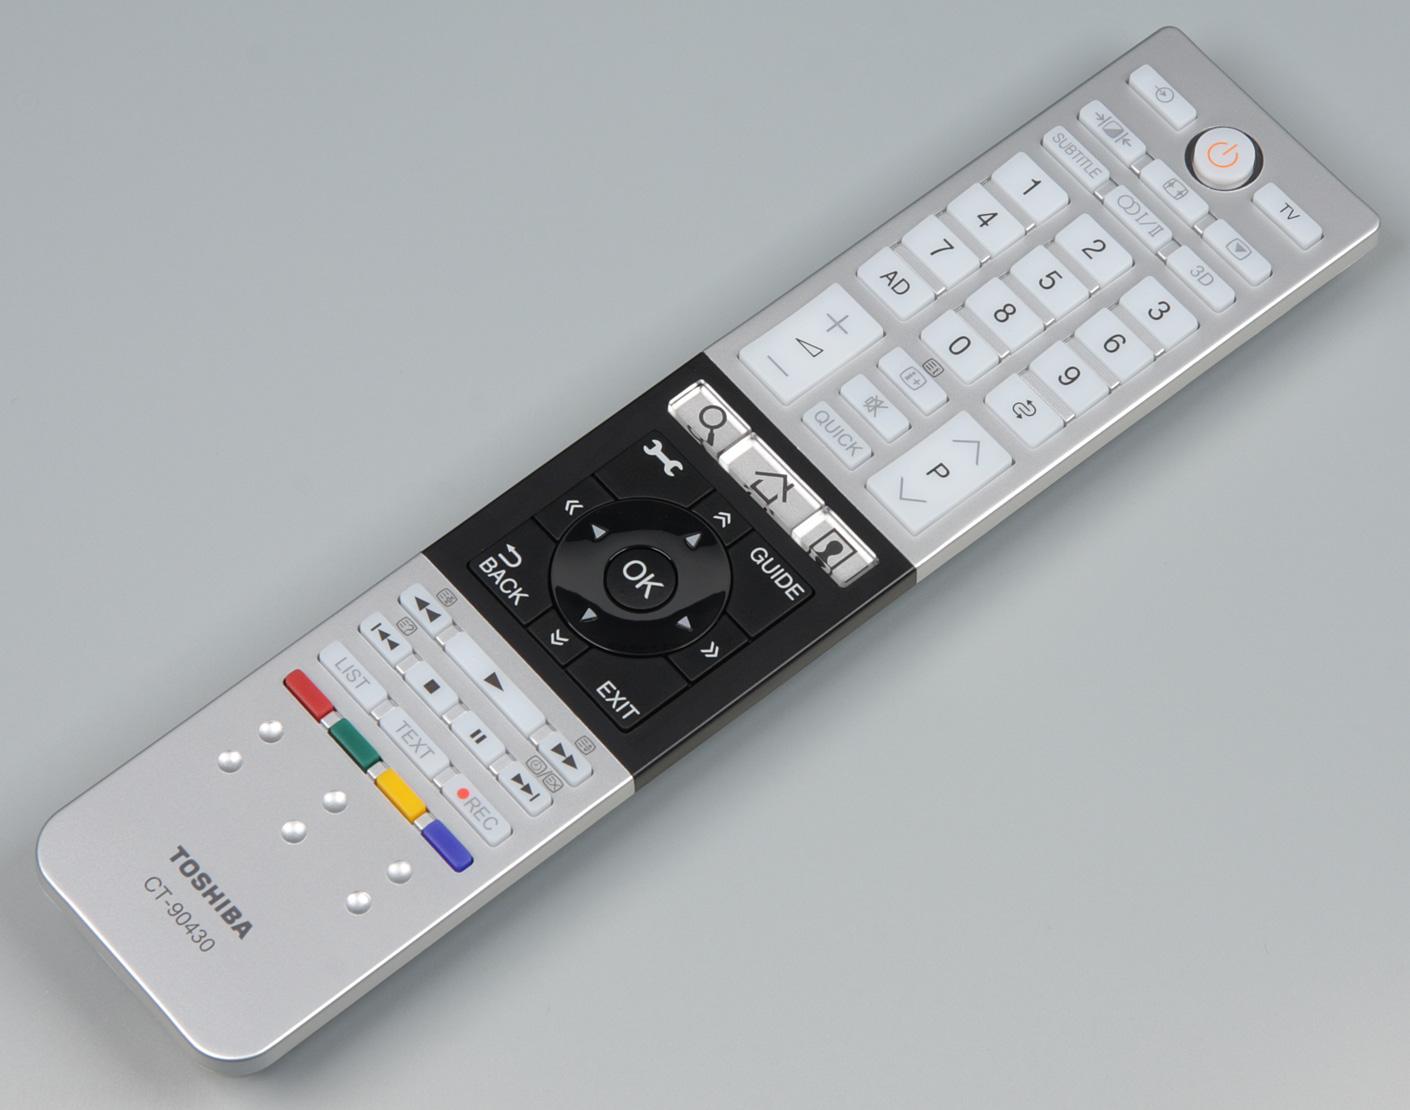 как настроить телевизор тошиба без пульта